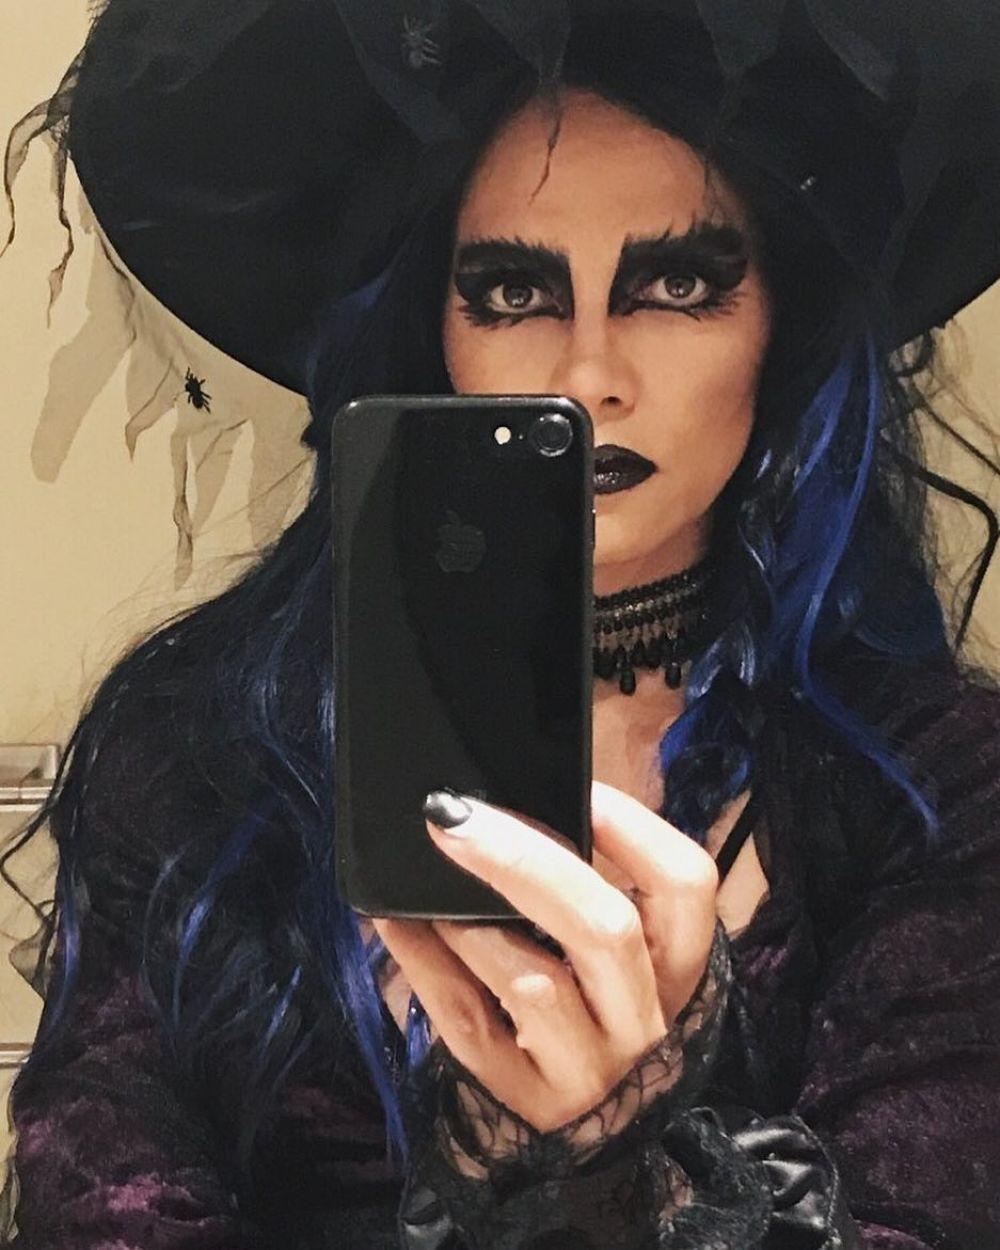 Да это же голливудская красотка Холли Берри с ярким макияжем и красивыми черно-синими волосами.